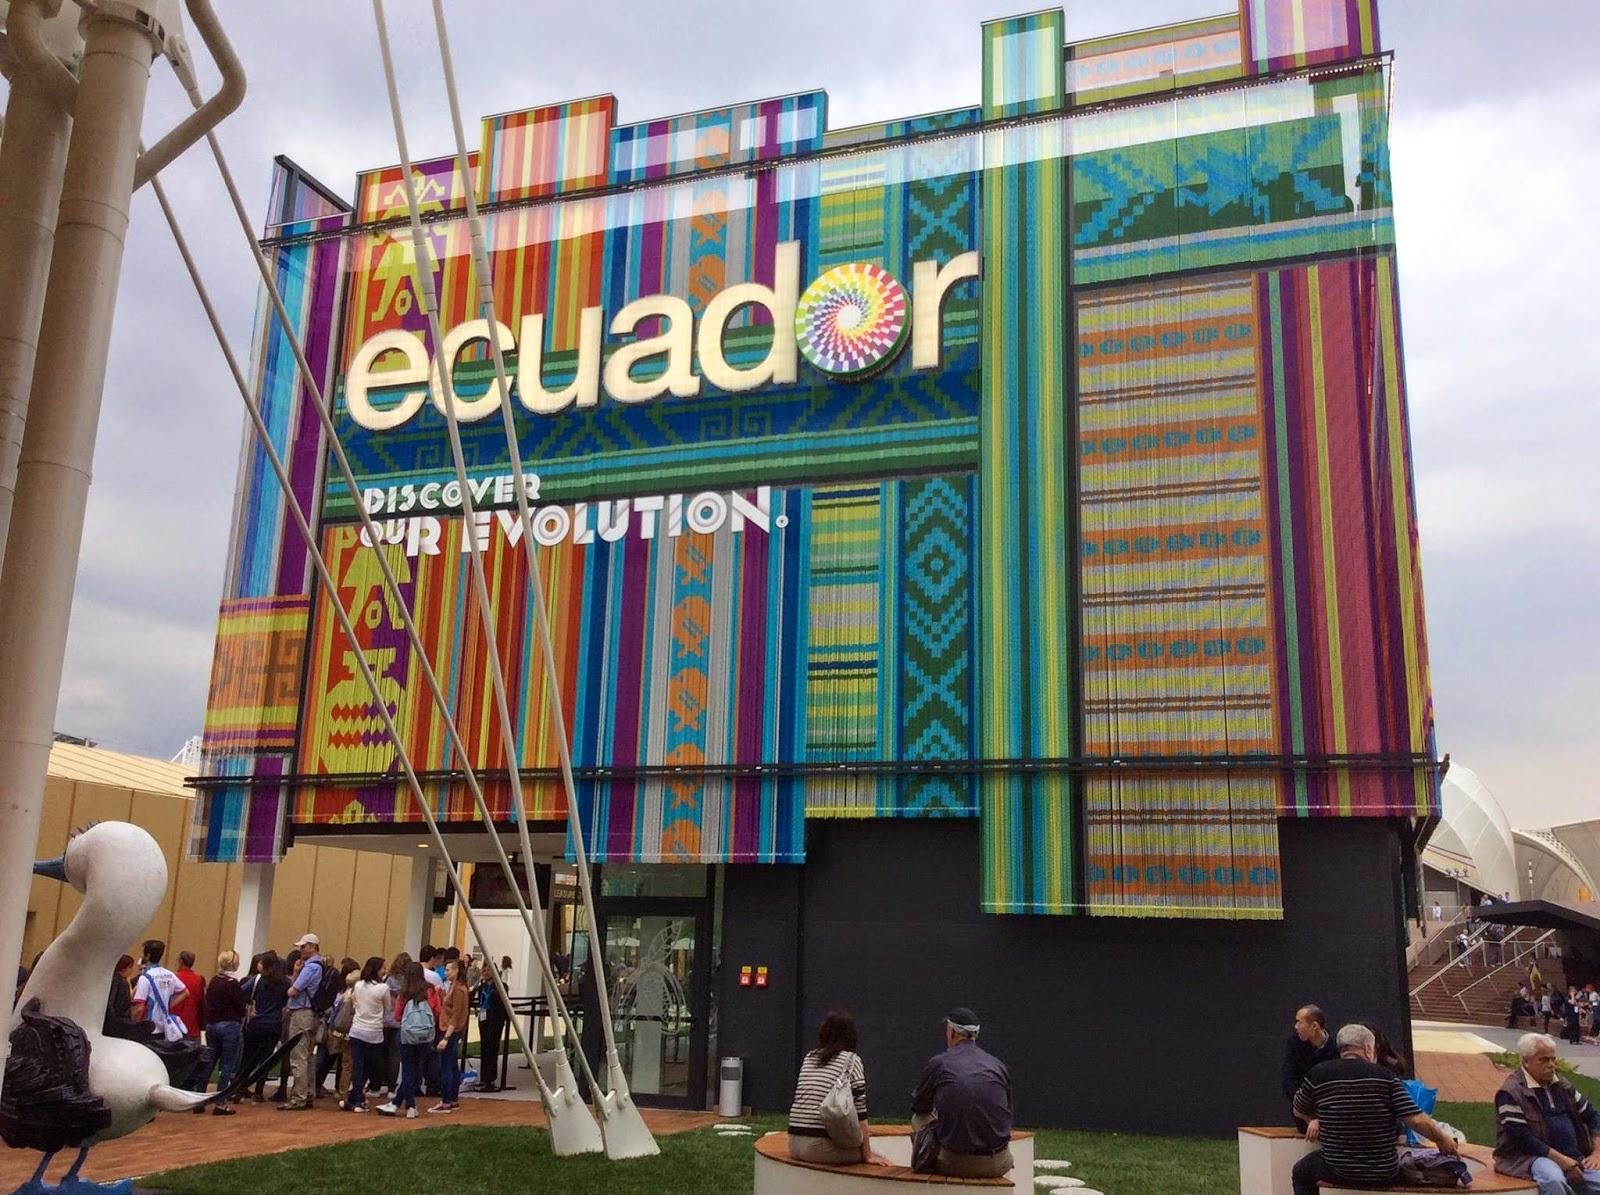 Expo Milano Stand Ecuador : Expo milano pics from ecuador pavilion